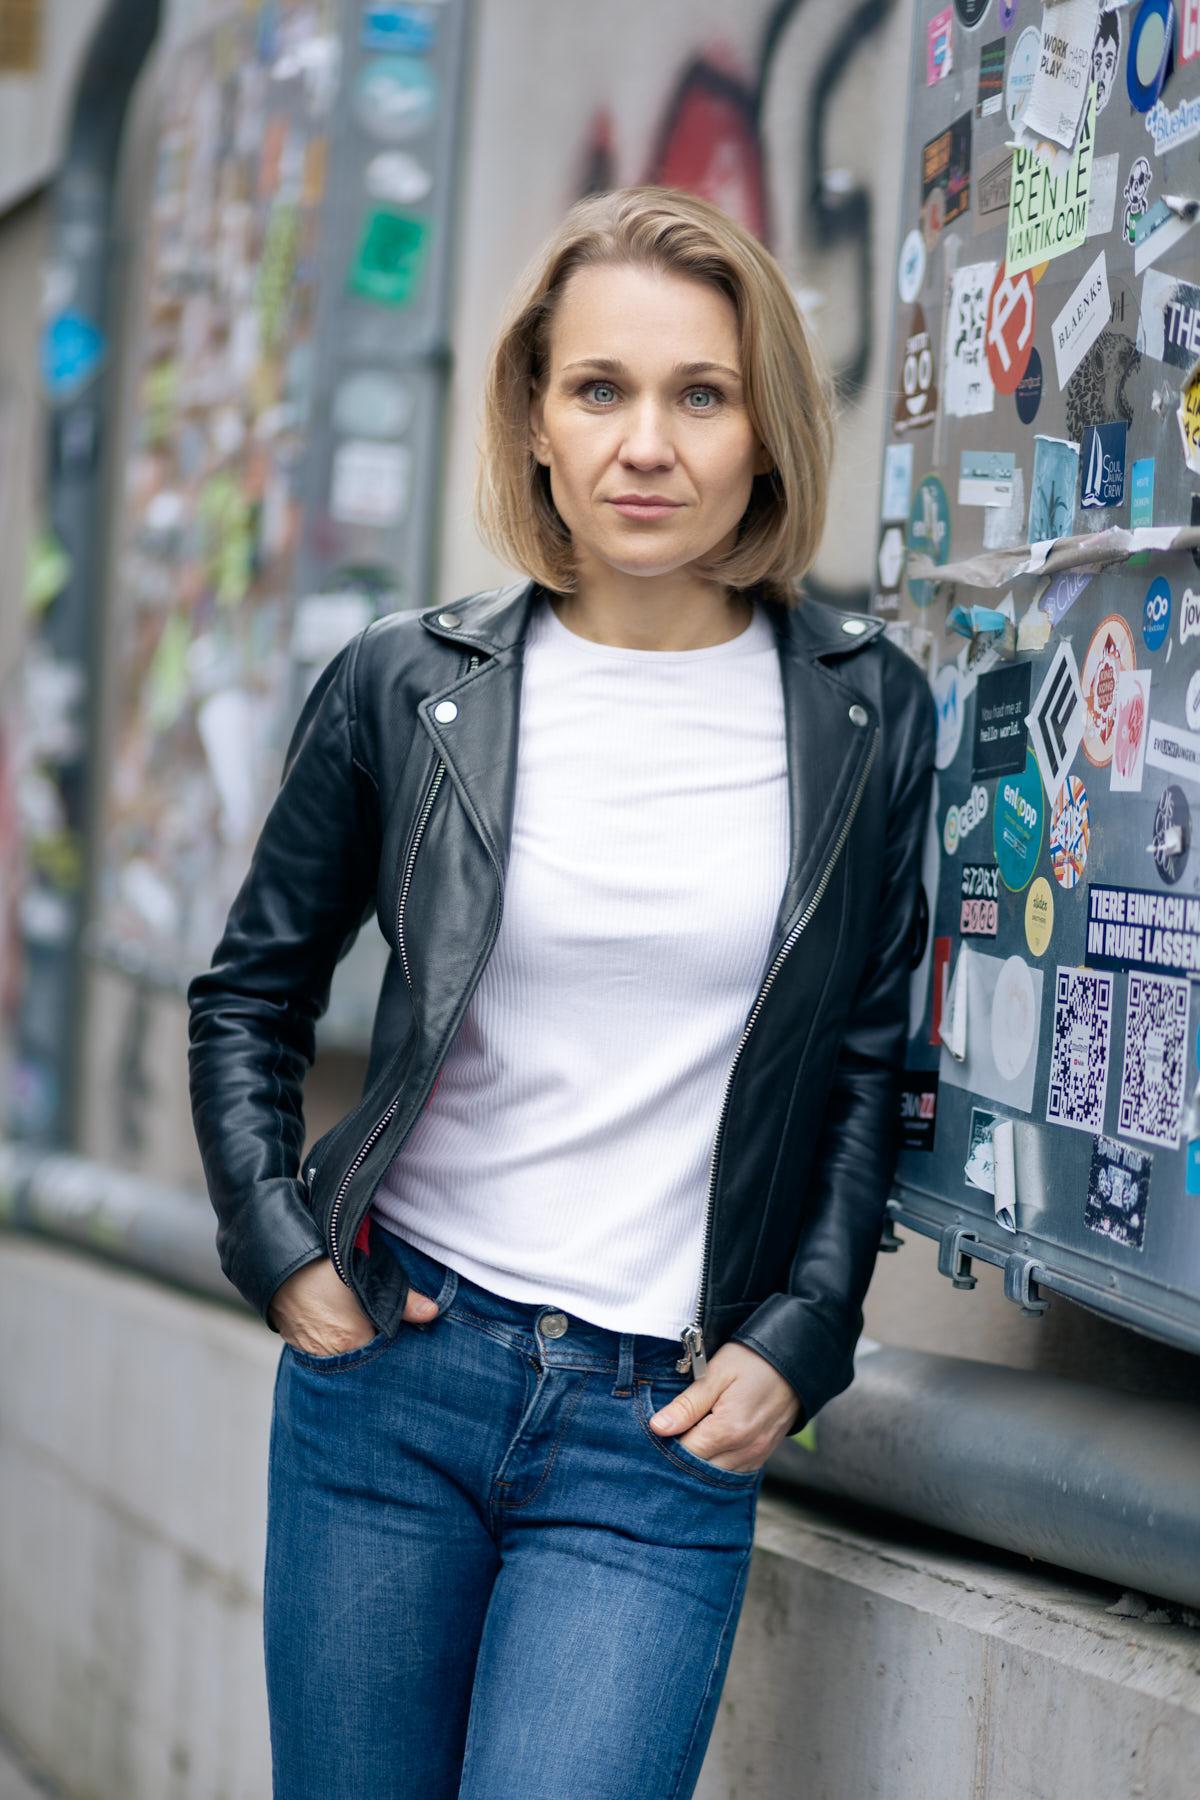 Dating-Foto einer jungen Frau mit blonden schulterlangen Haaren. Sie trägt eine Lederjacke und lehnt mit herausvorderndem Blick an einer Wand mit Aufklebern.